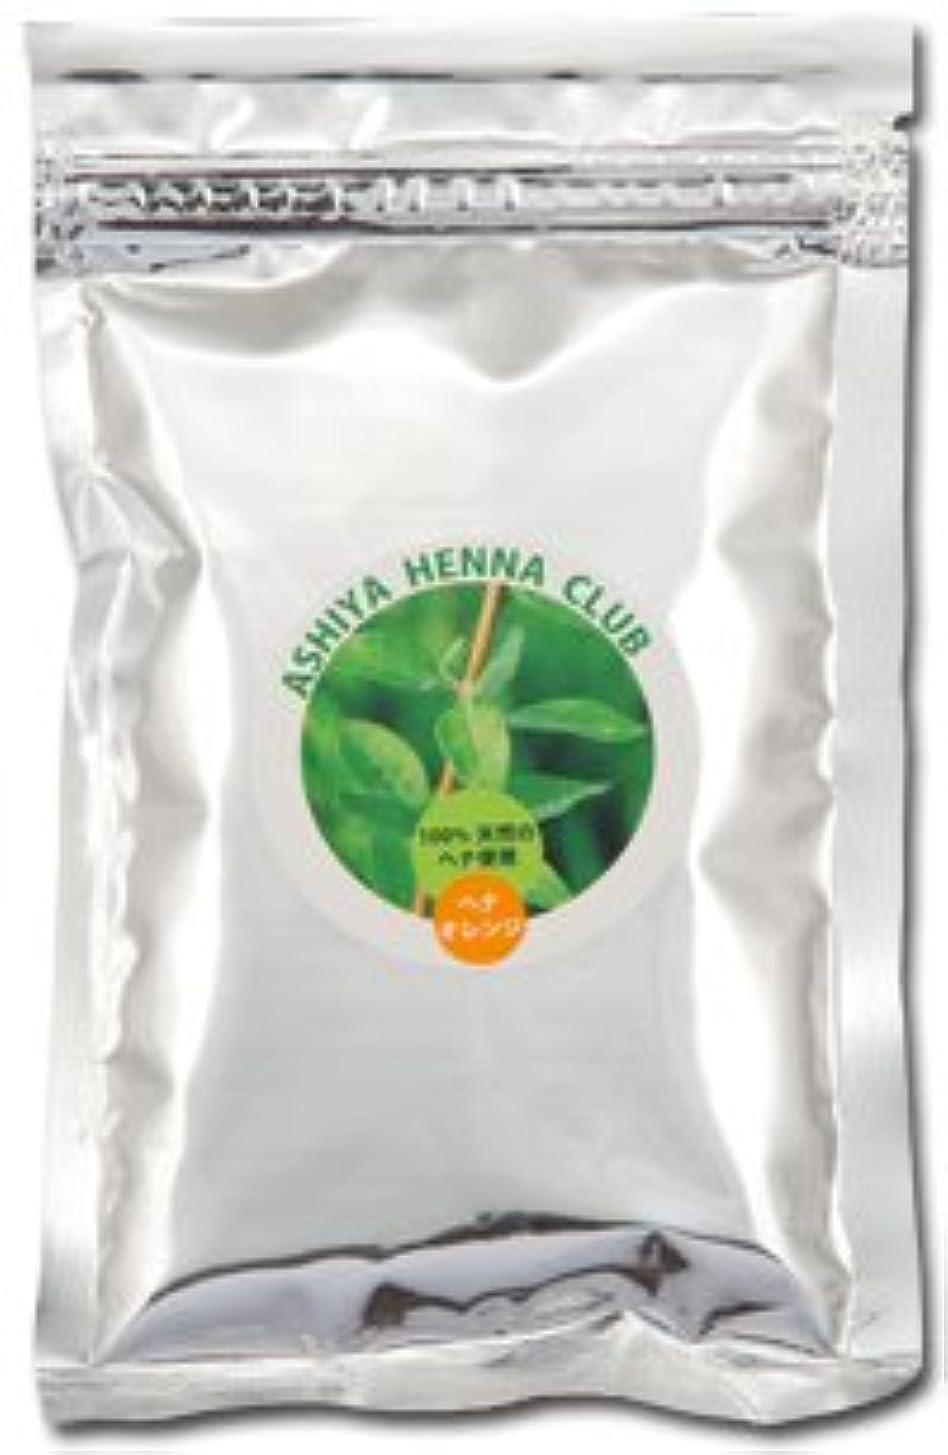 マイナスサーキュレーション安全でない芦屋ヘナ倶楽部ハーバルヘナピュア(オレンジ)2個 Aランクの上級天然ヘナ100%